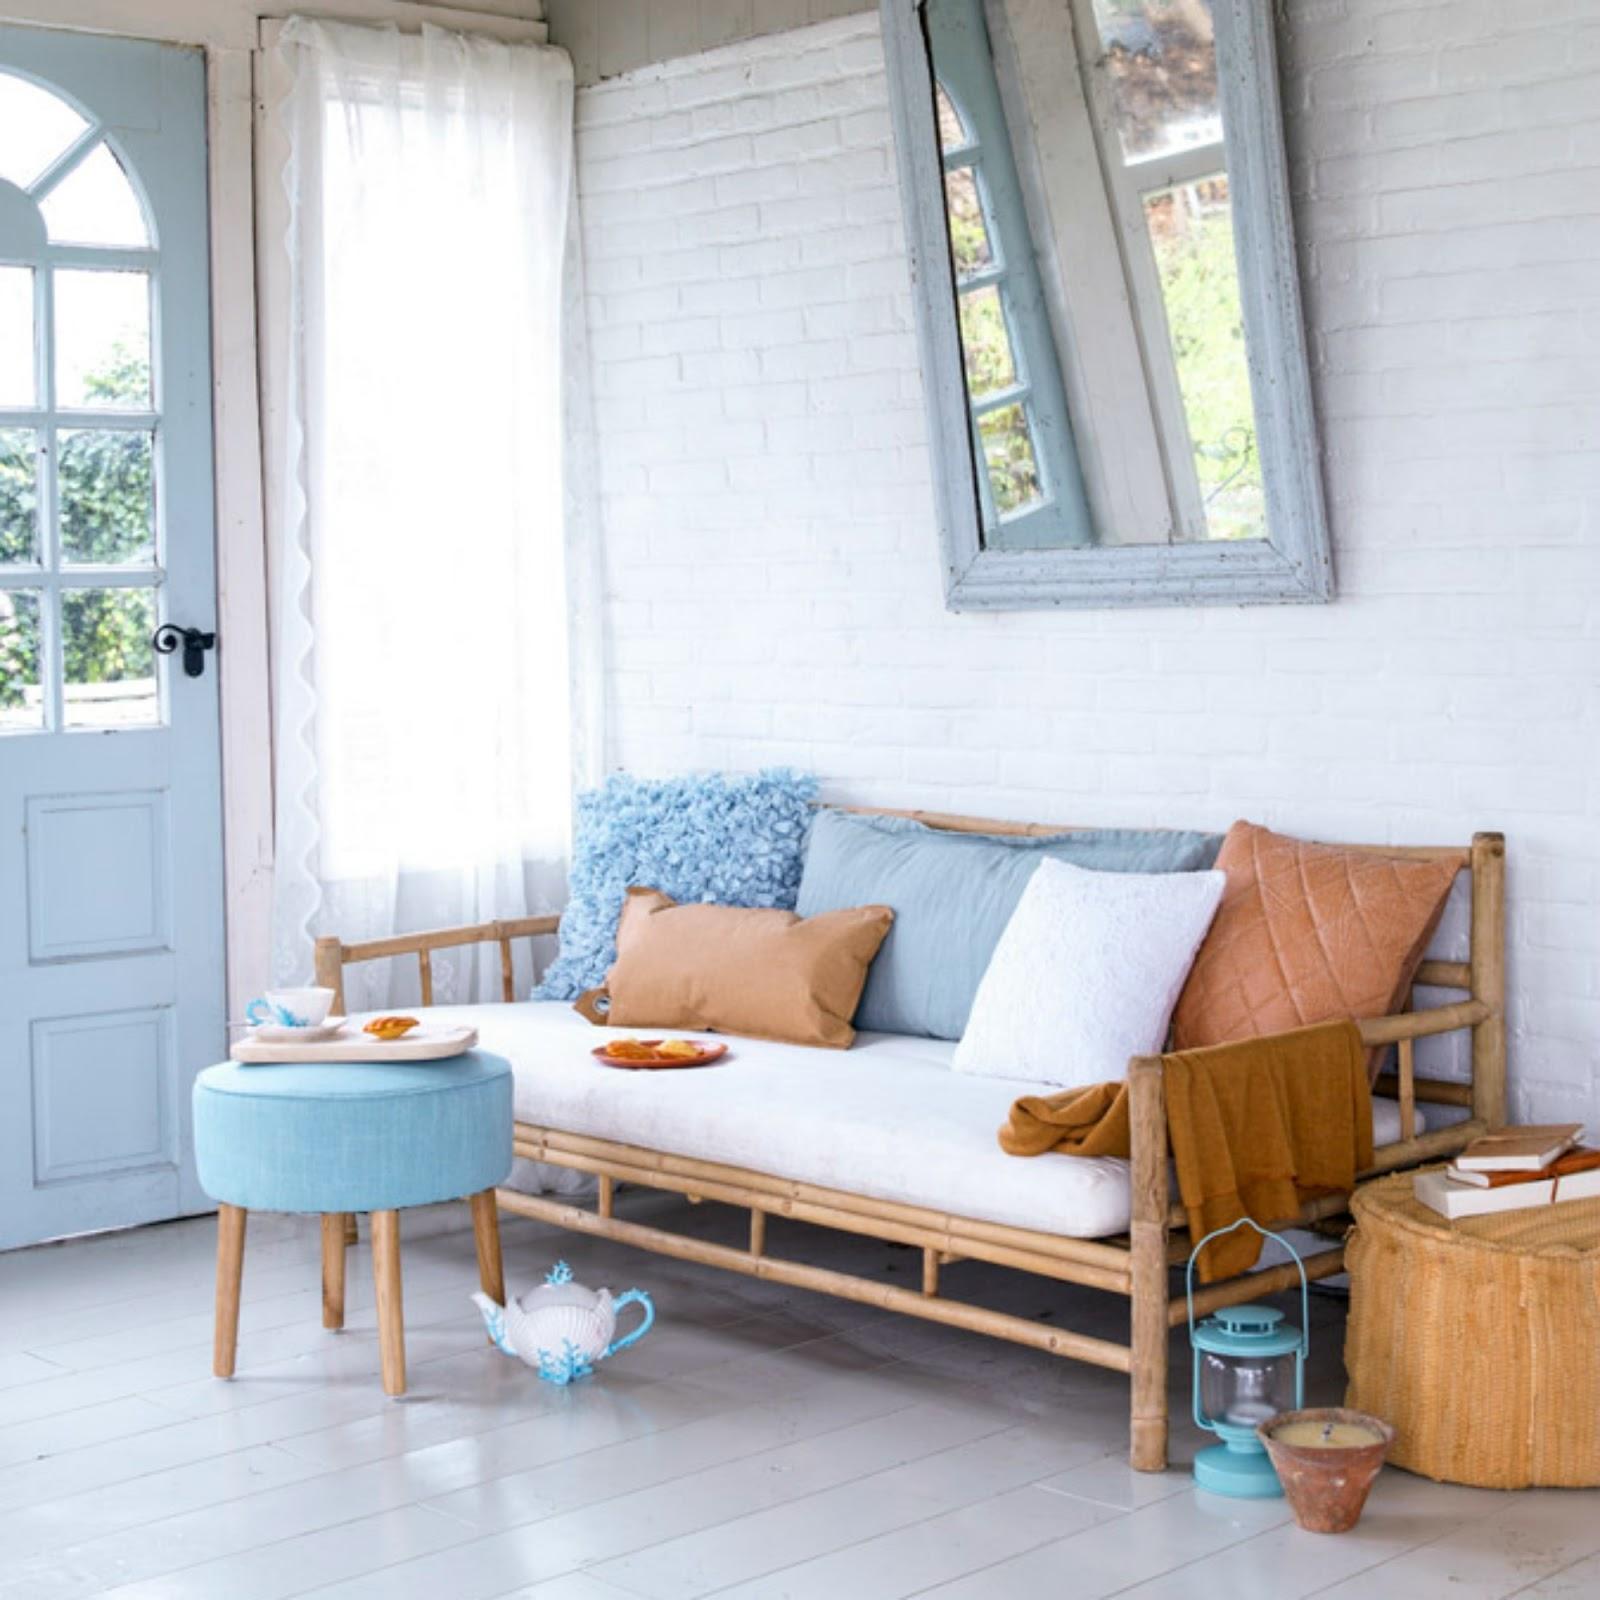 Decora tu casa con bajo presupuesto Blog de bienes en Full